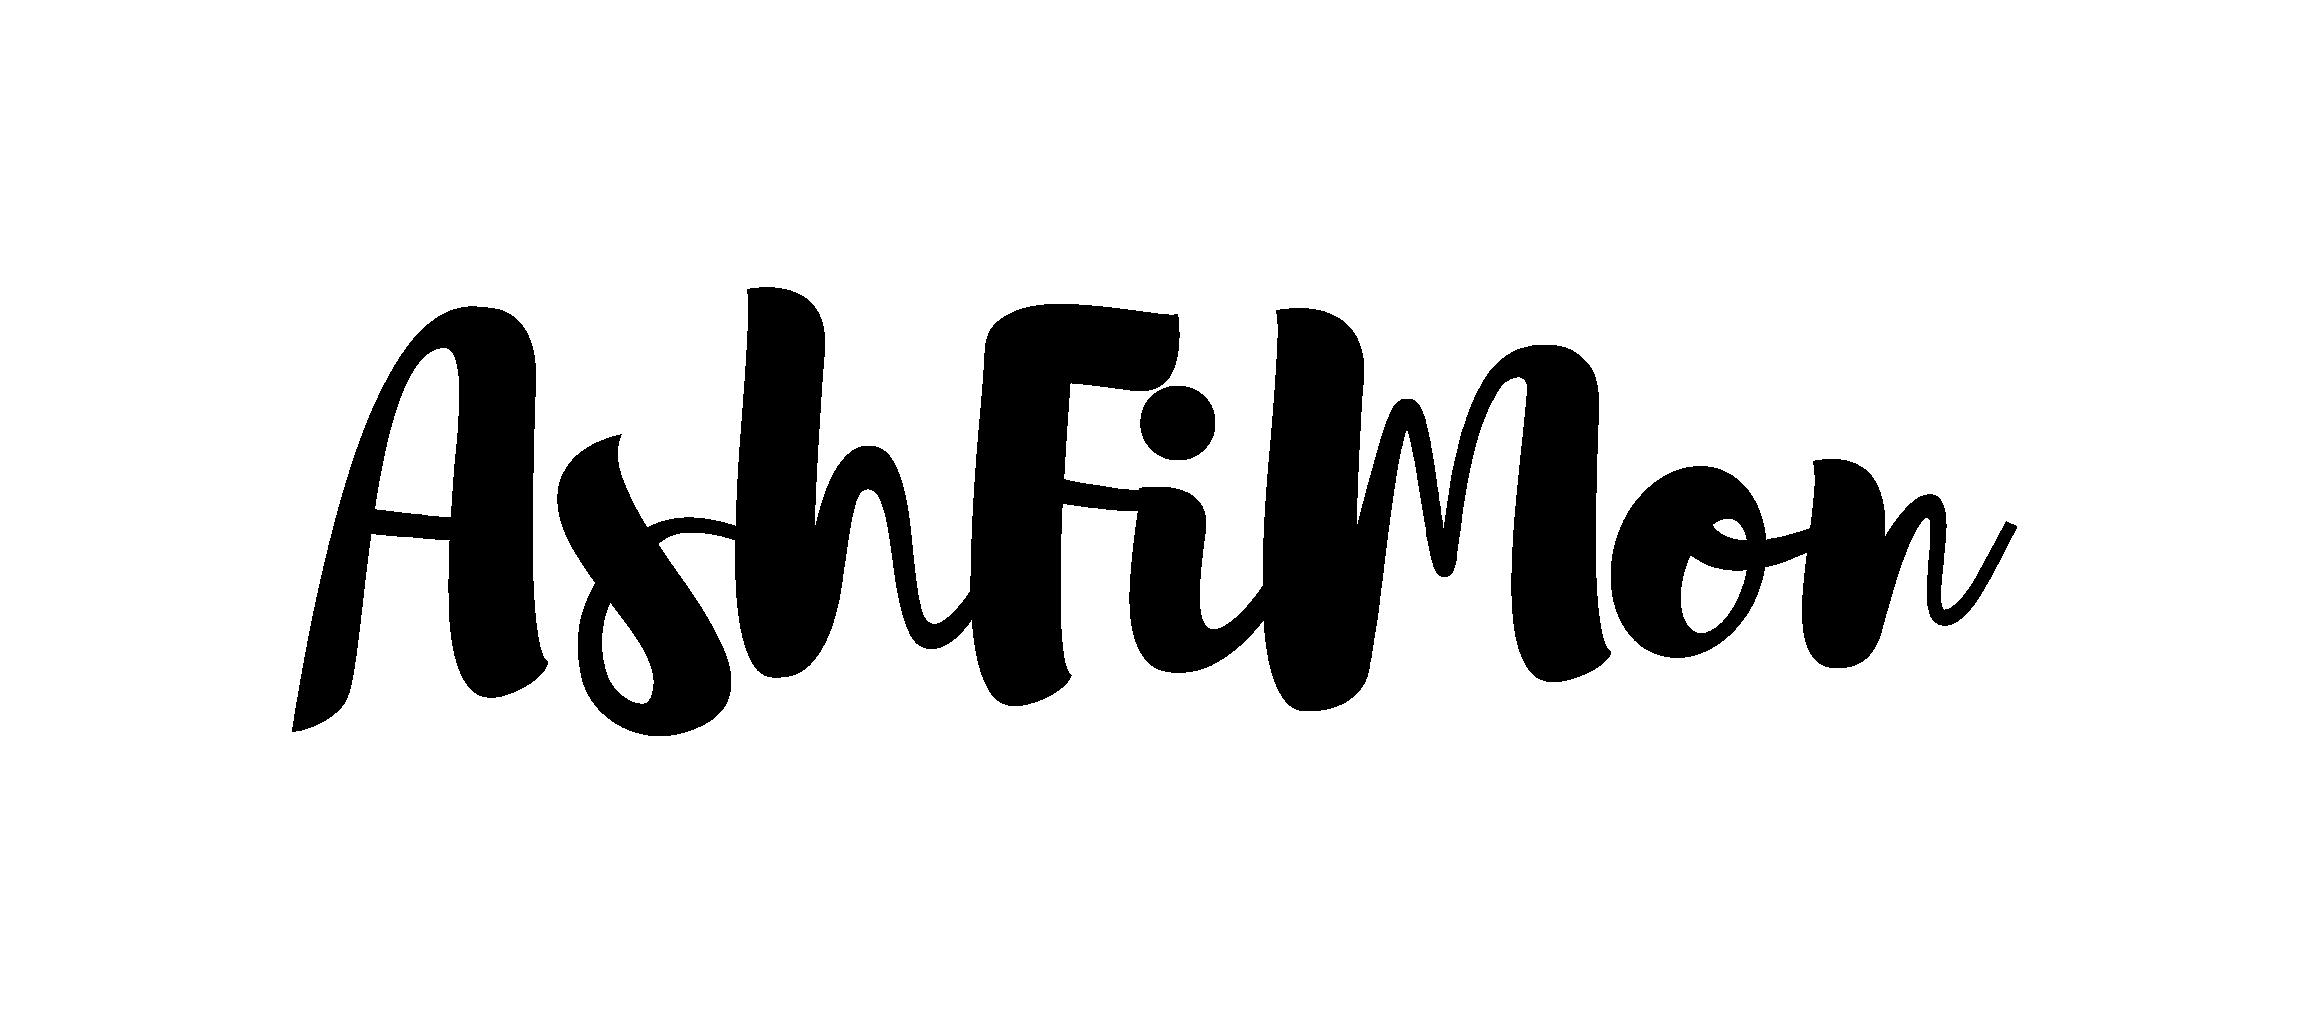 AshFiMon Black Logo